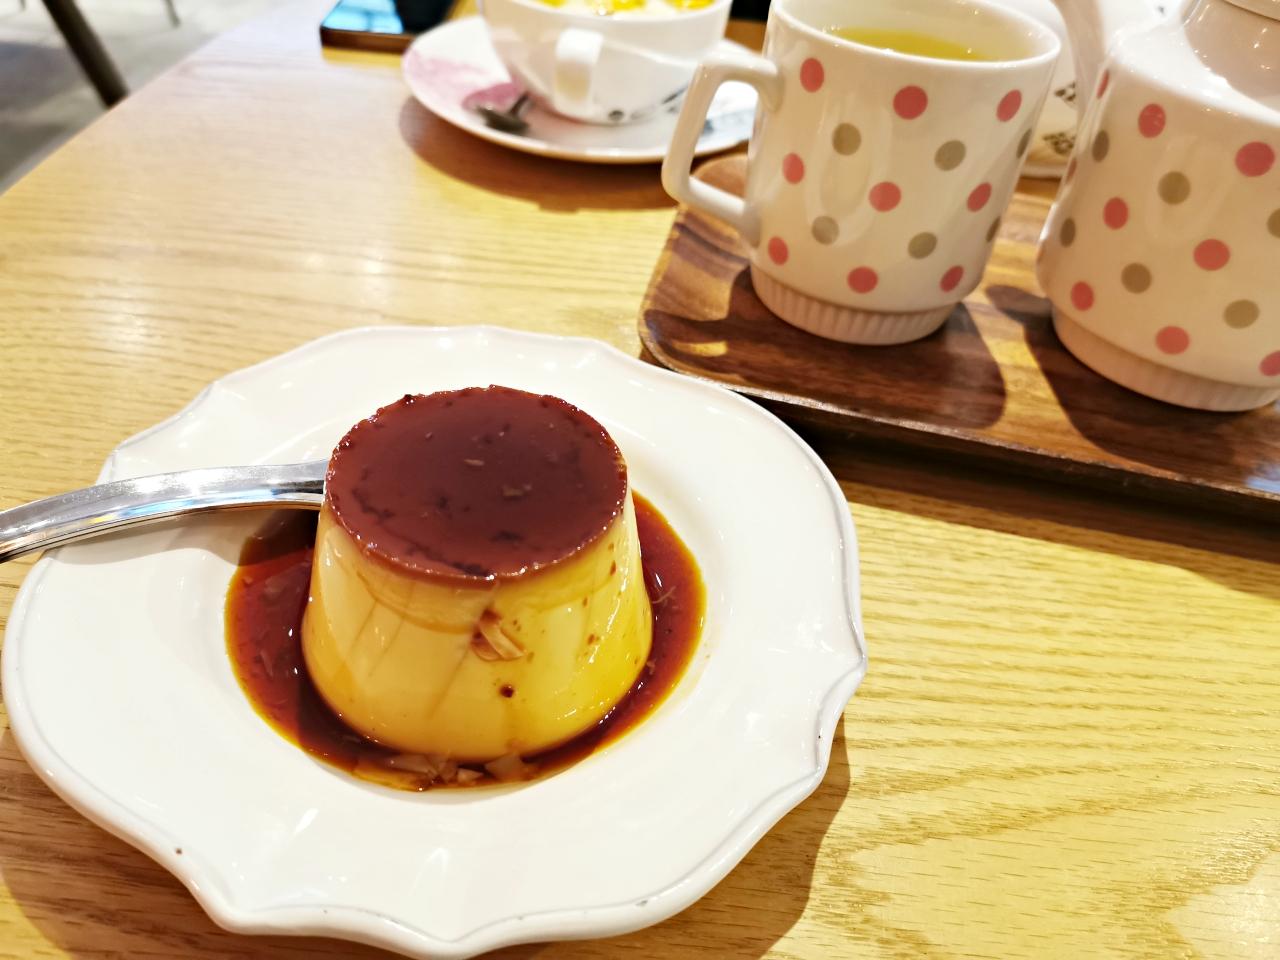 民生社區咖啡廳:勺子咖啡店spoon cafe在安靜舒適空間享受超好吃的焦糖布丁和司康,飲品也很好喝